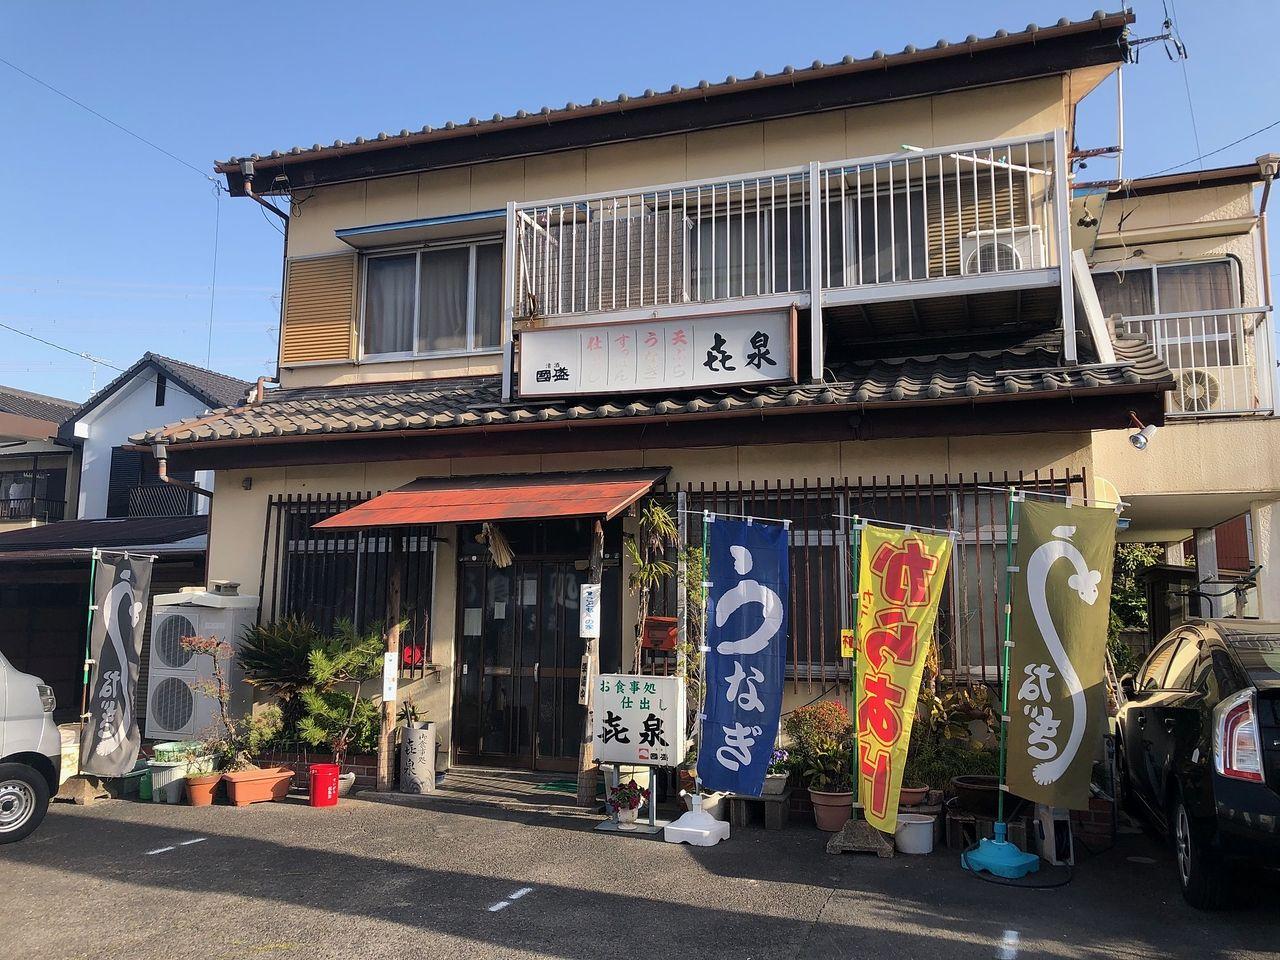 喜泉【きせん】(刈谷市)